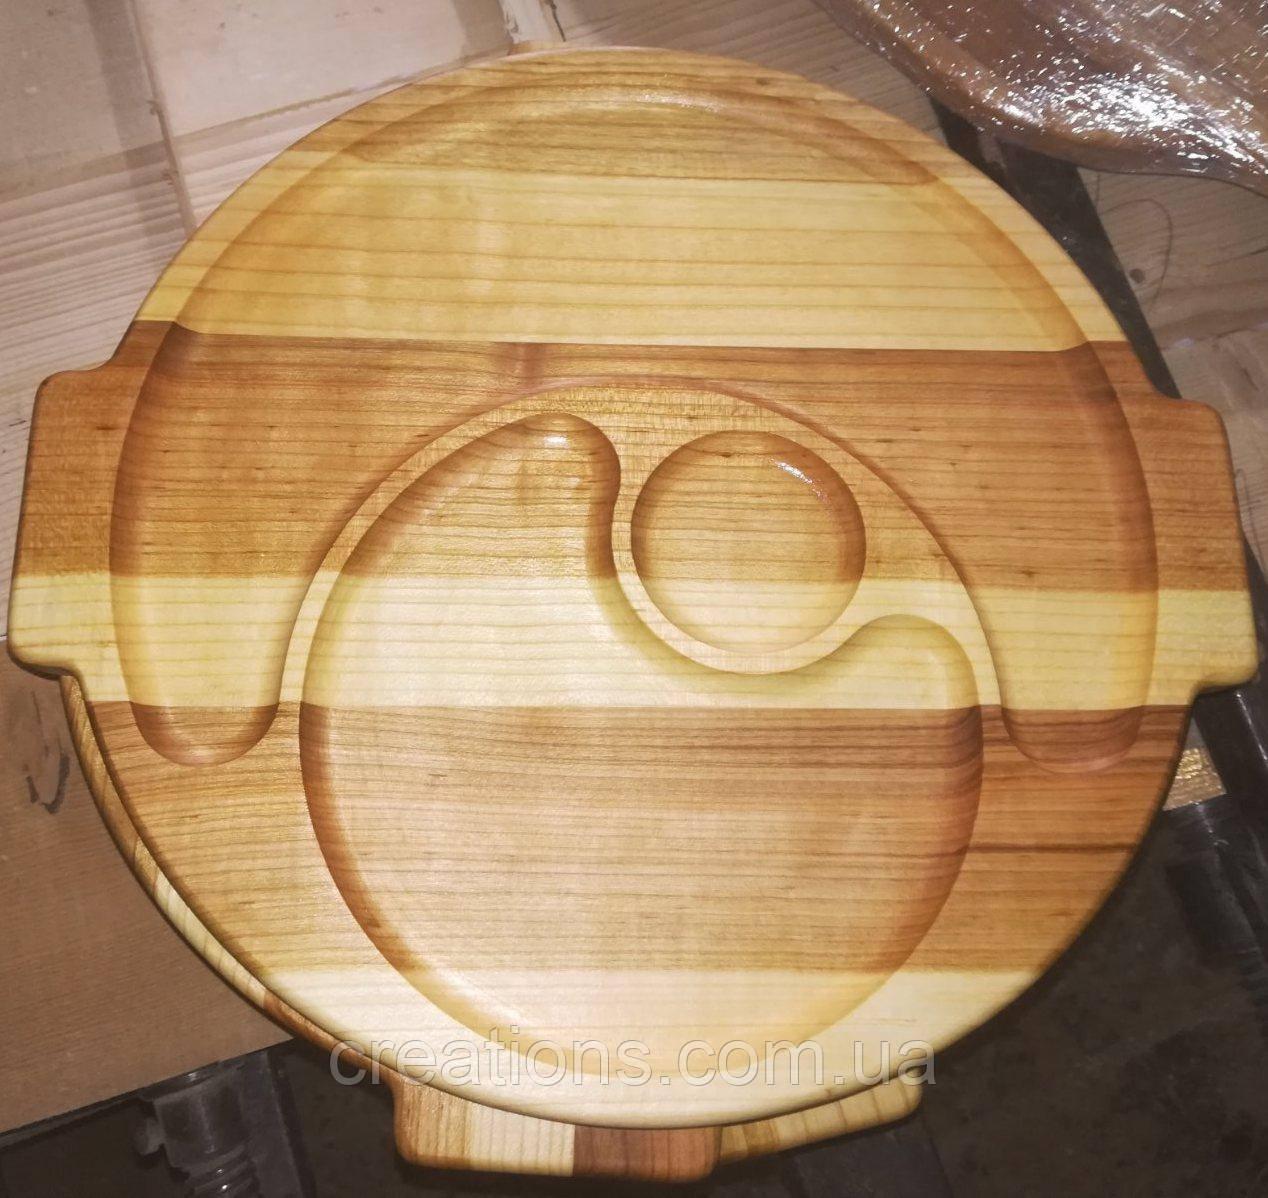 Менажница-поднос деревянная 35 см. круглая на 2 секции с соусницей из черешни, ясеня